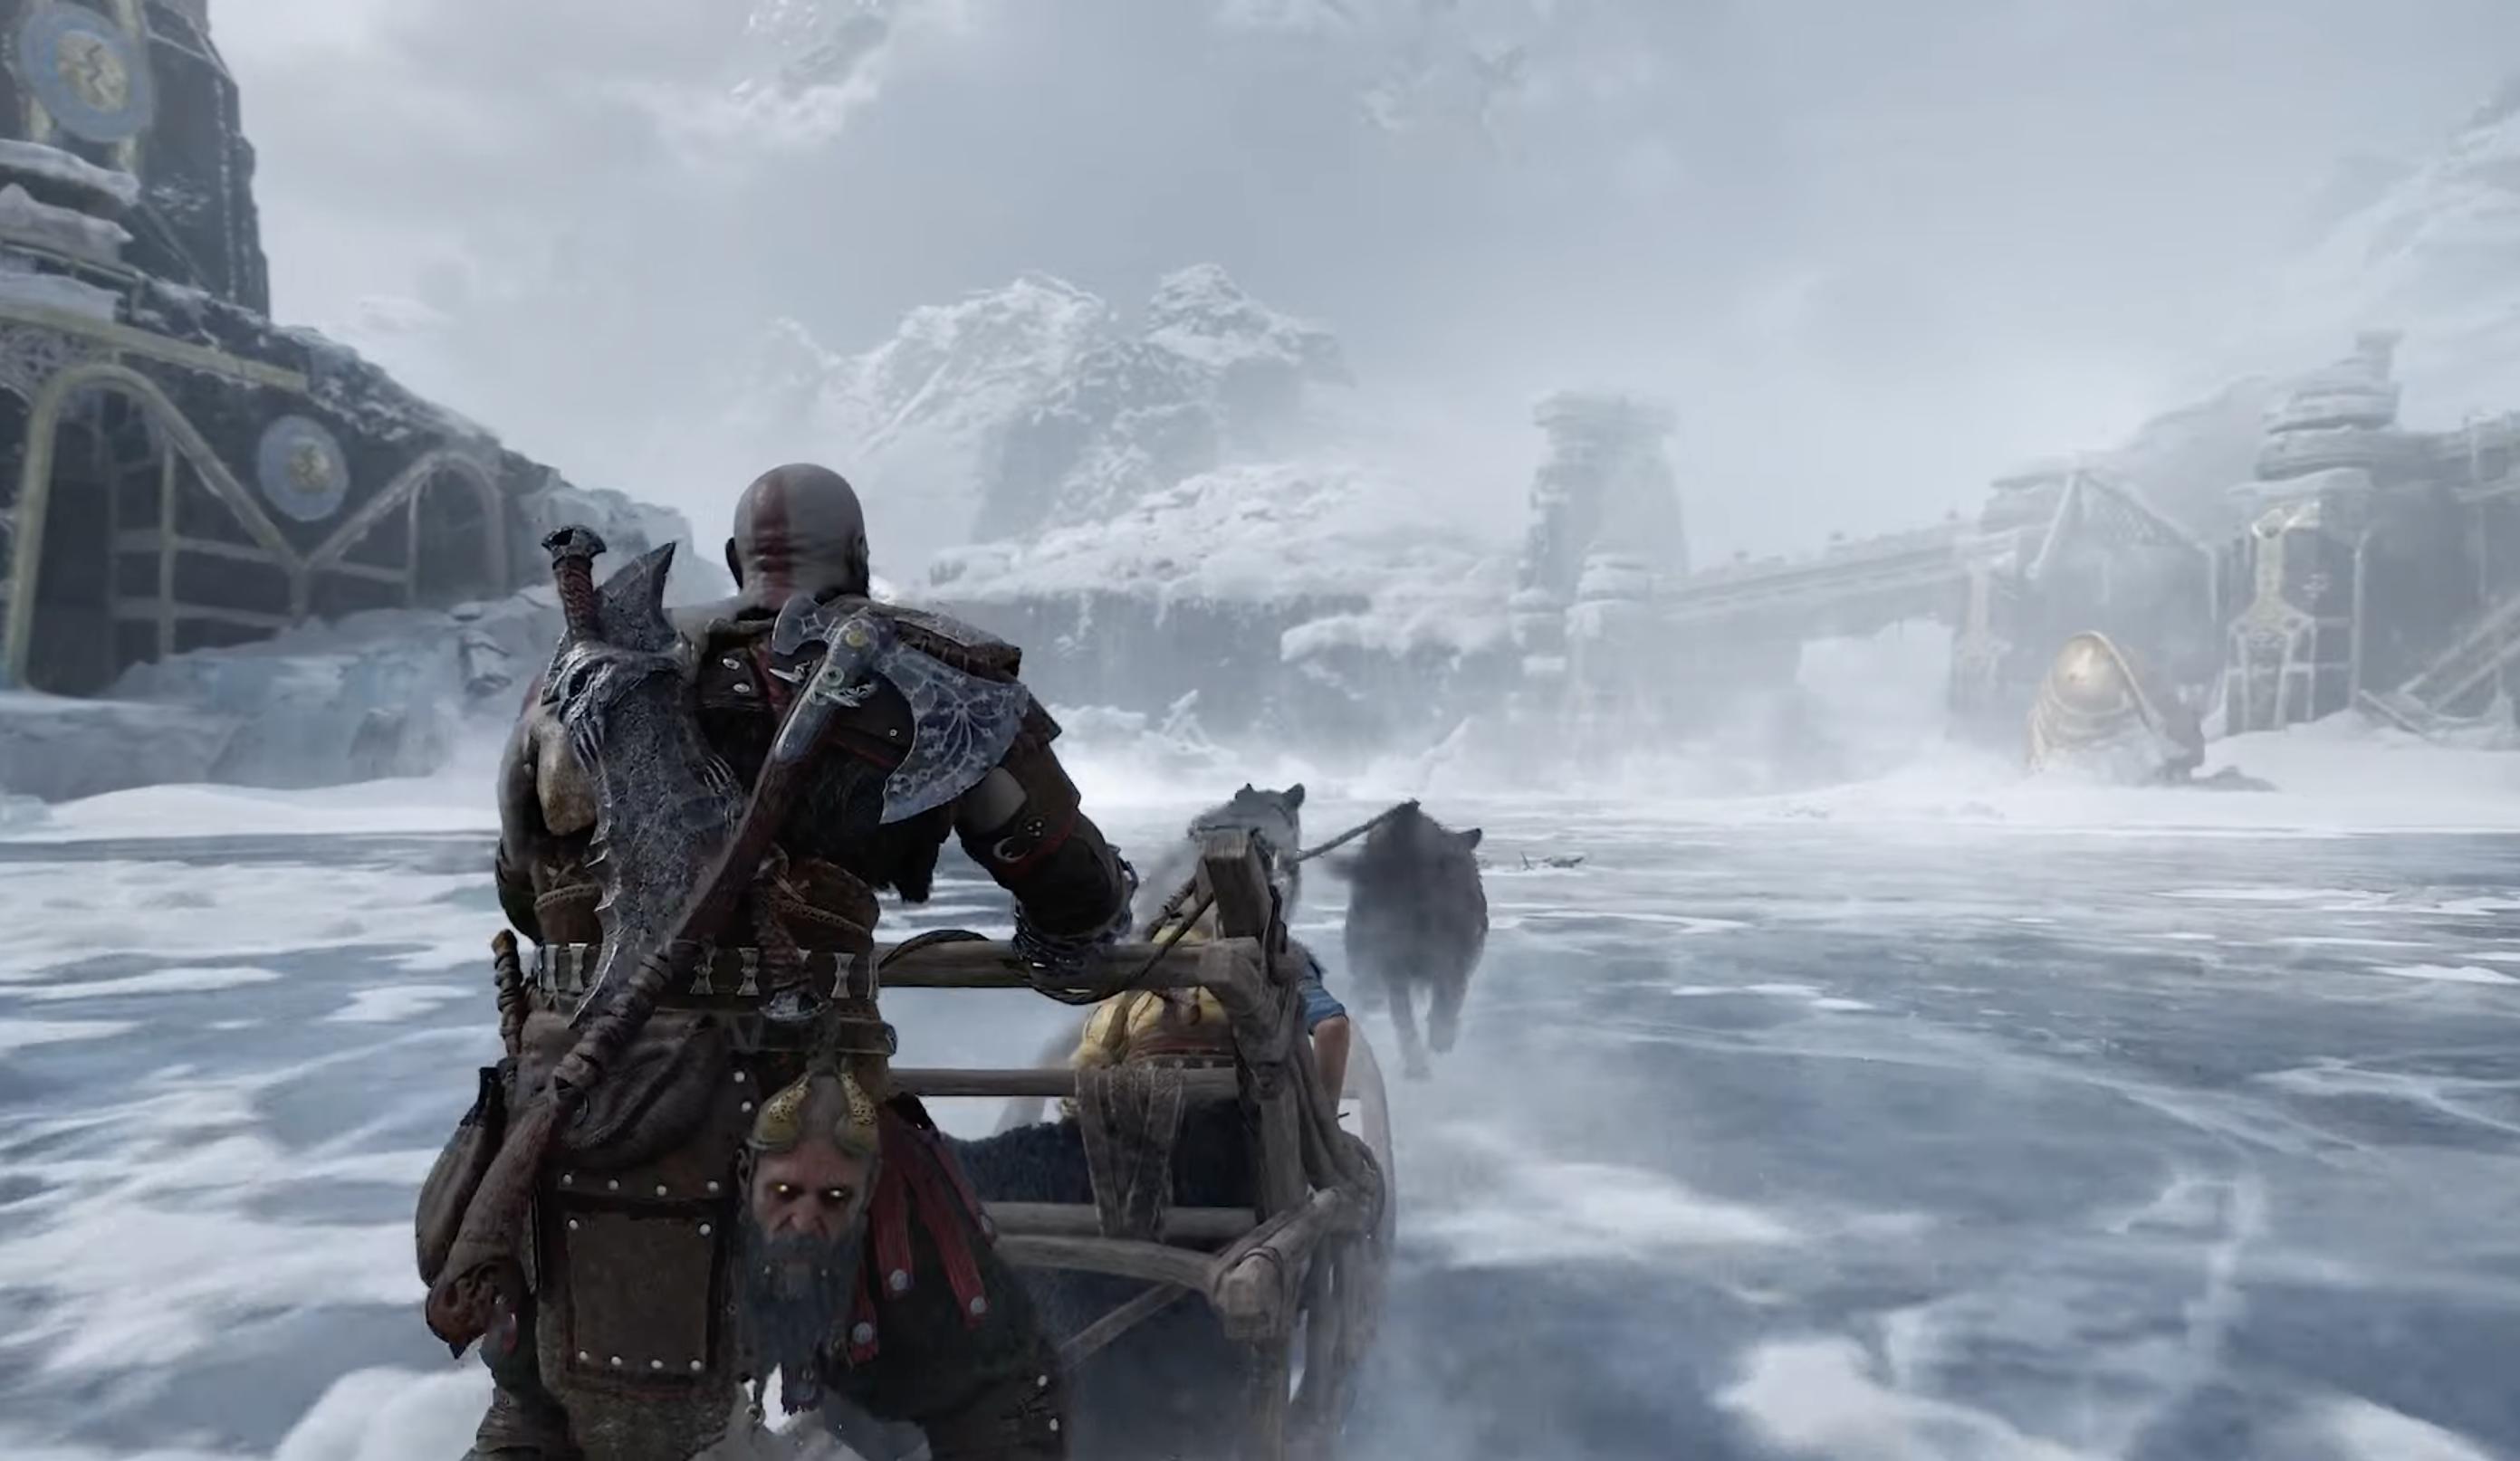 God of War Ragnarök'e ilk bakış Asgard ile bir savaşı gösteriyor | Engadget